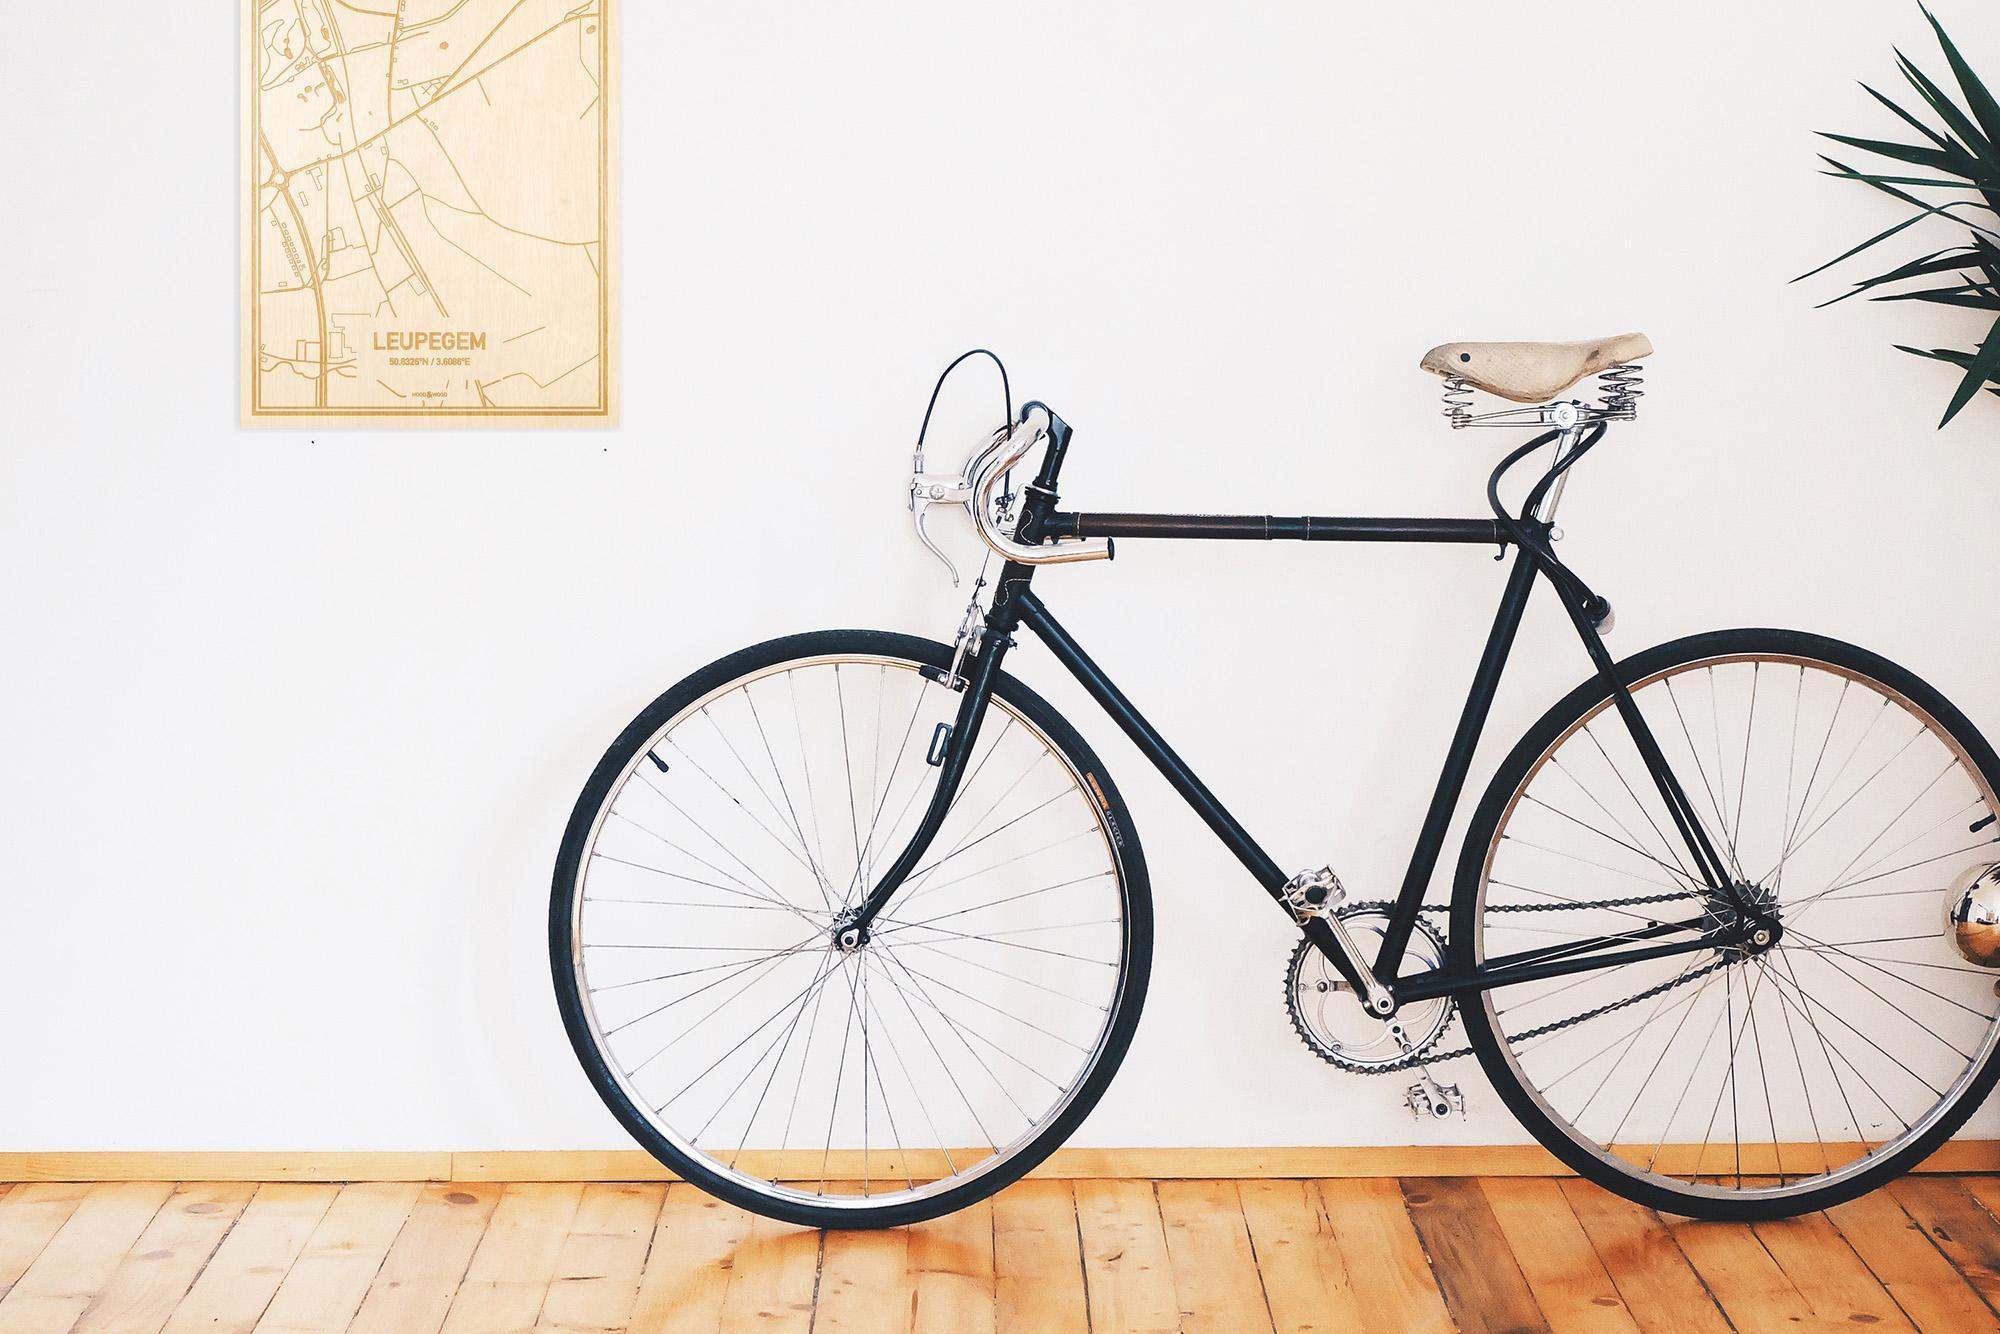 Een snelle fiets in een uniek interieur in Oost-Vlaanderen  met mooie decoratie zoals de plattegrond Leupegem.